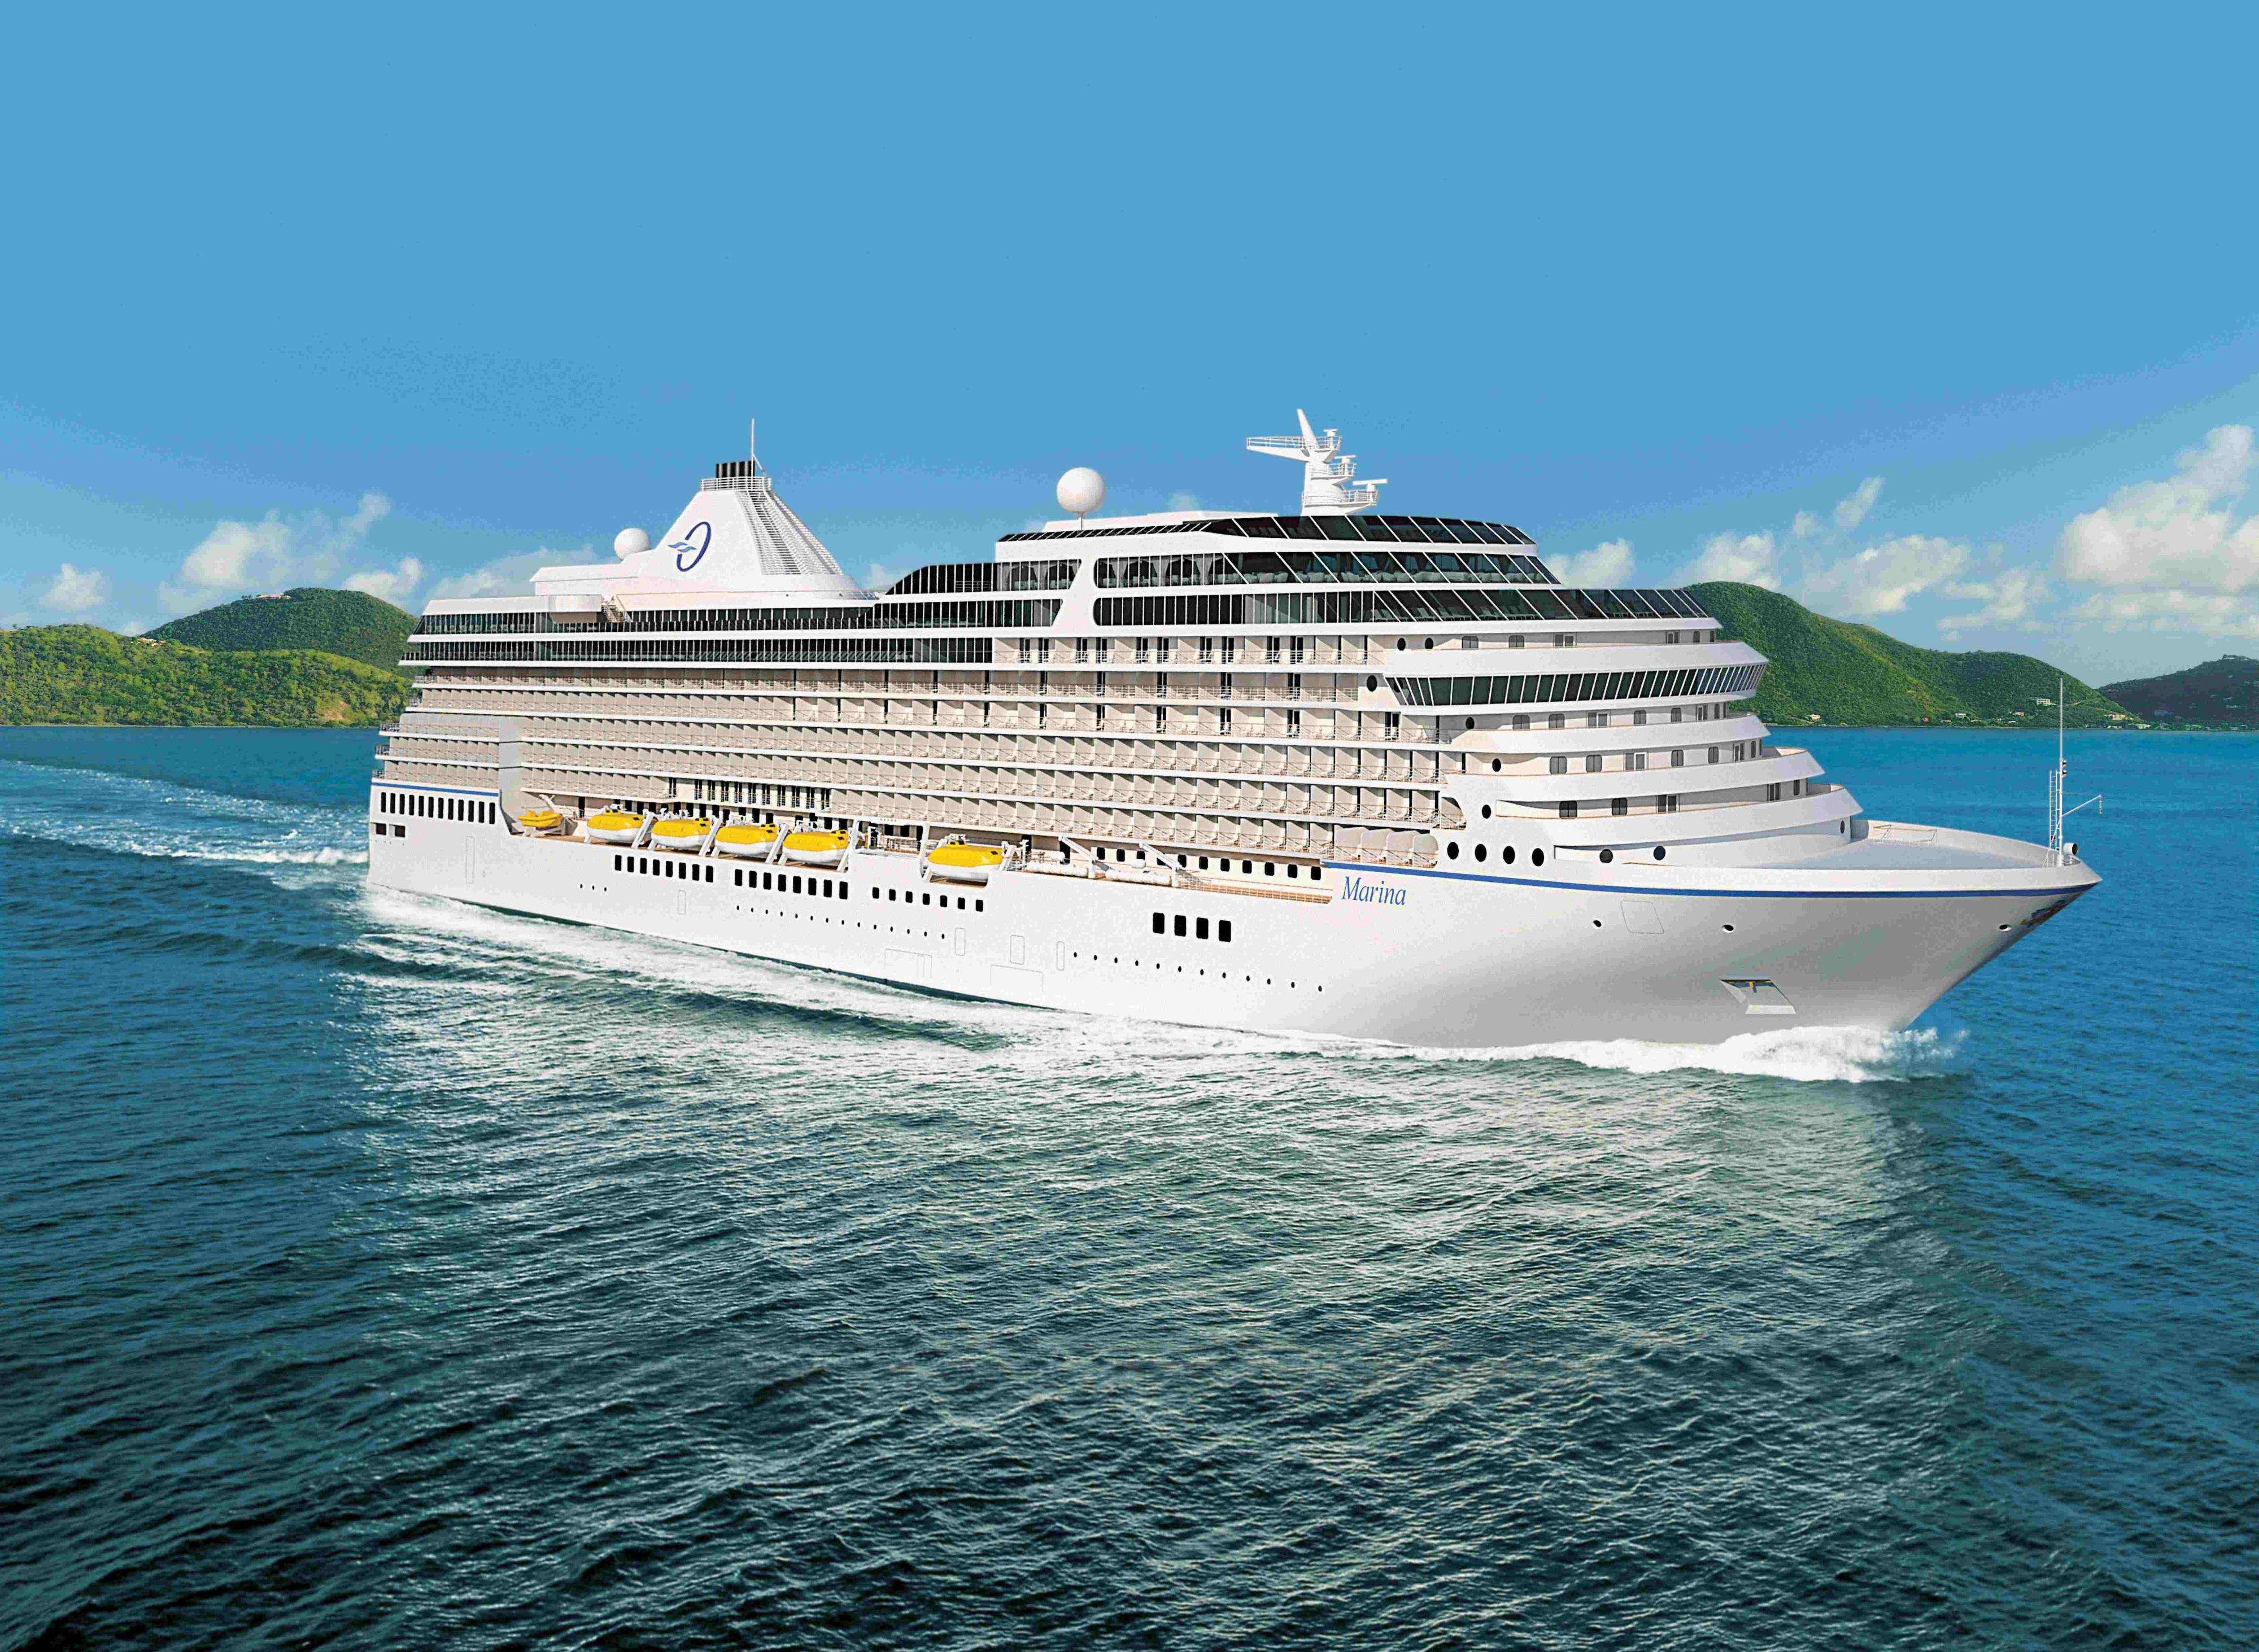 Oceania Cruises/Divulgação